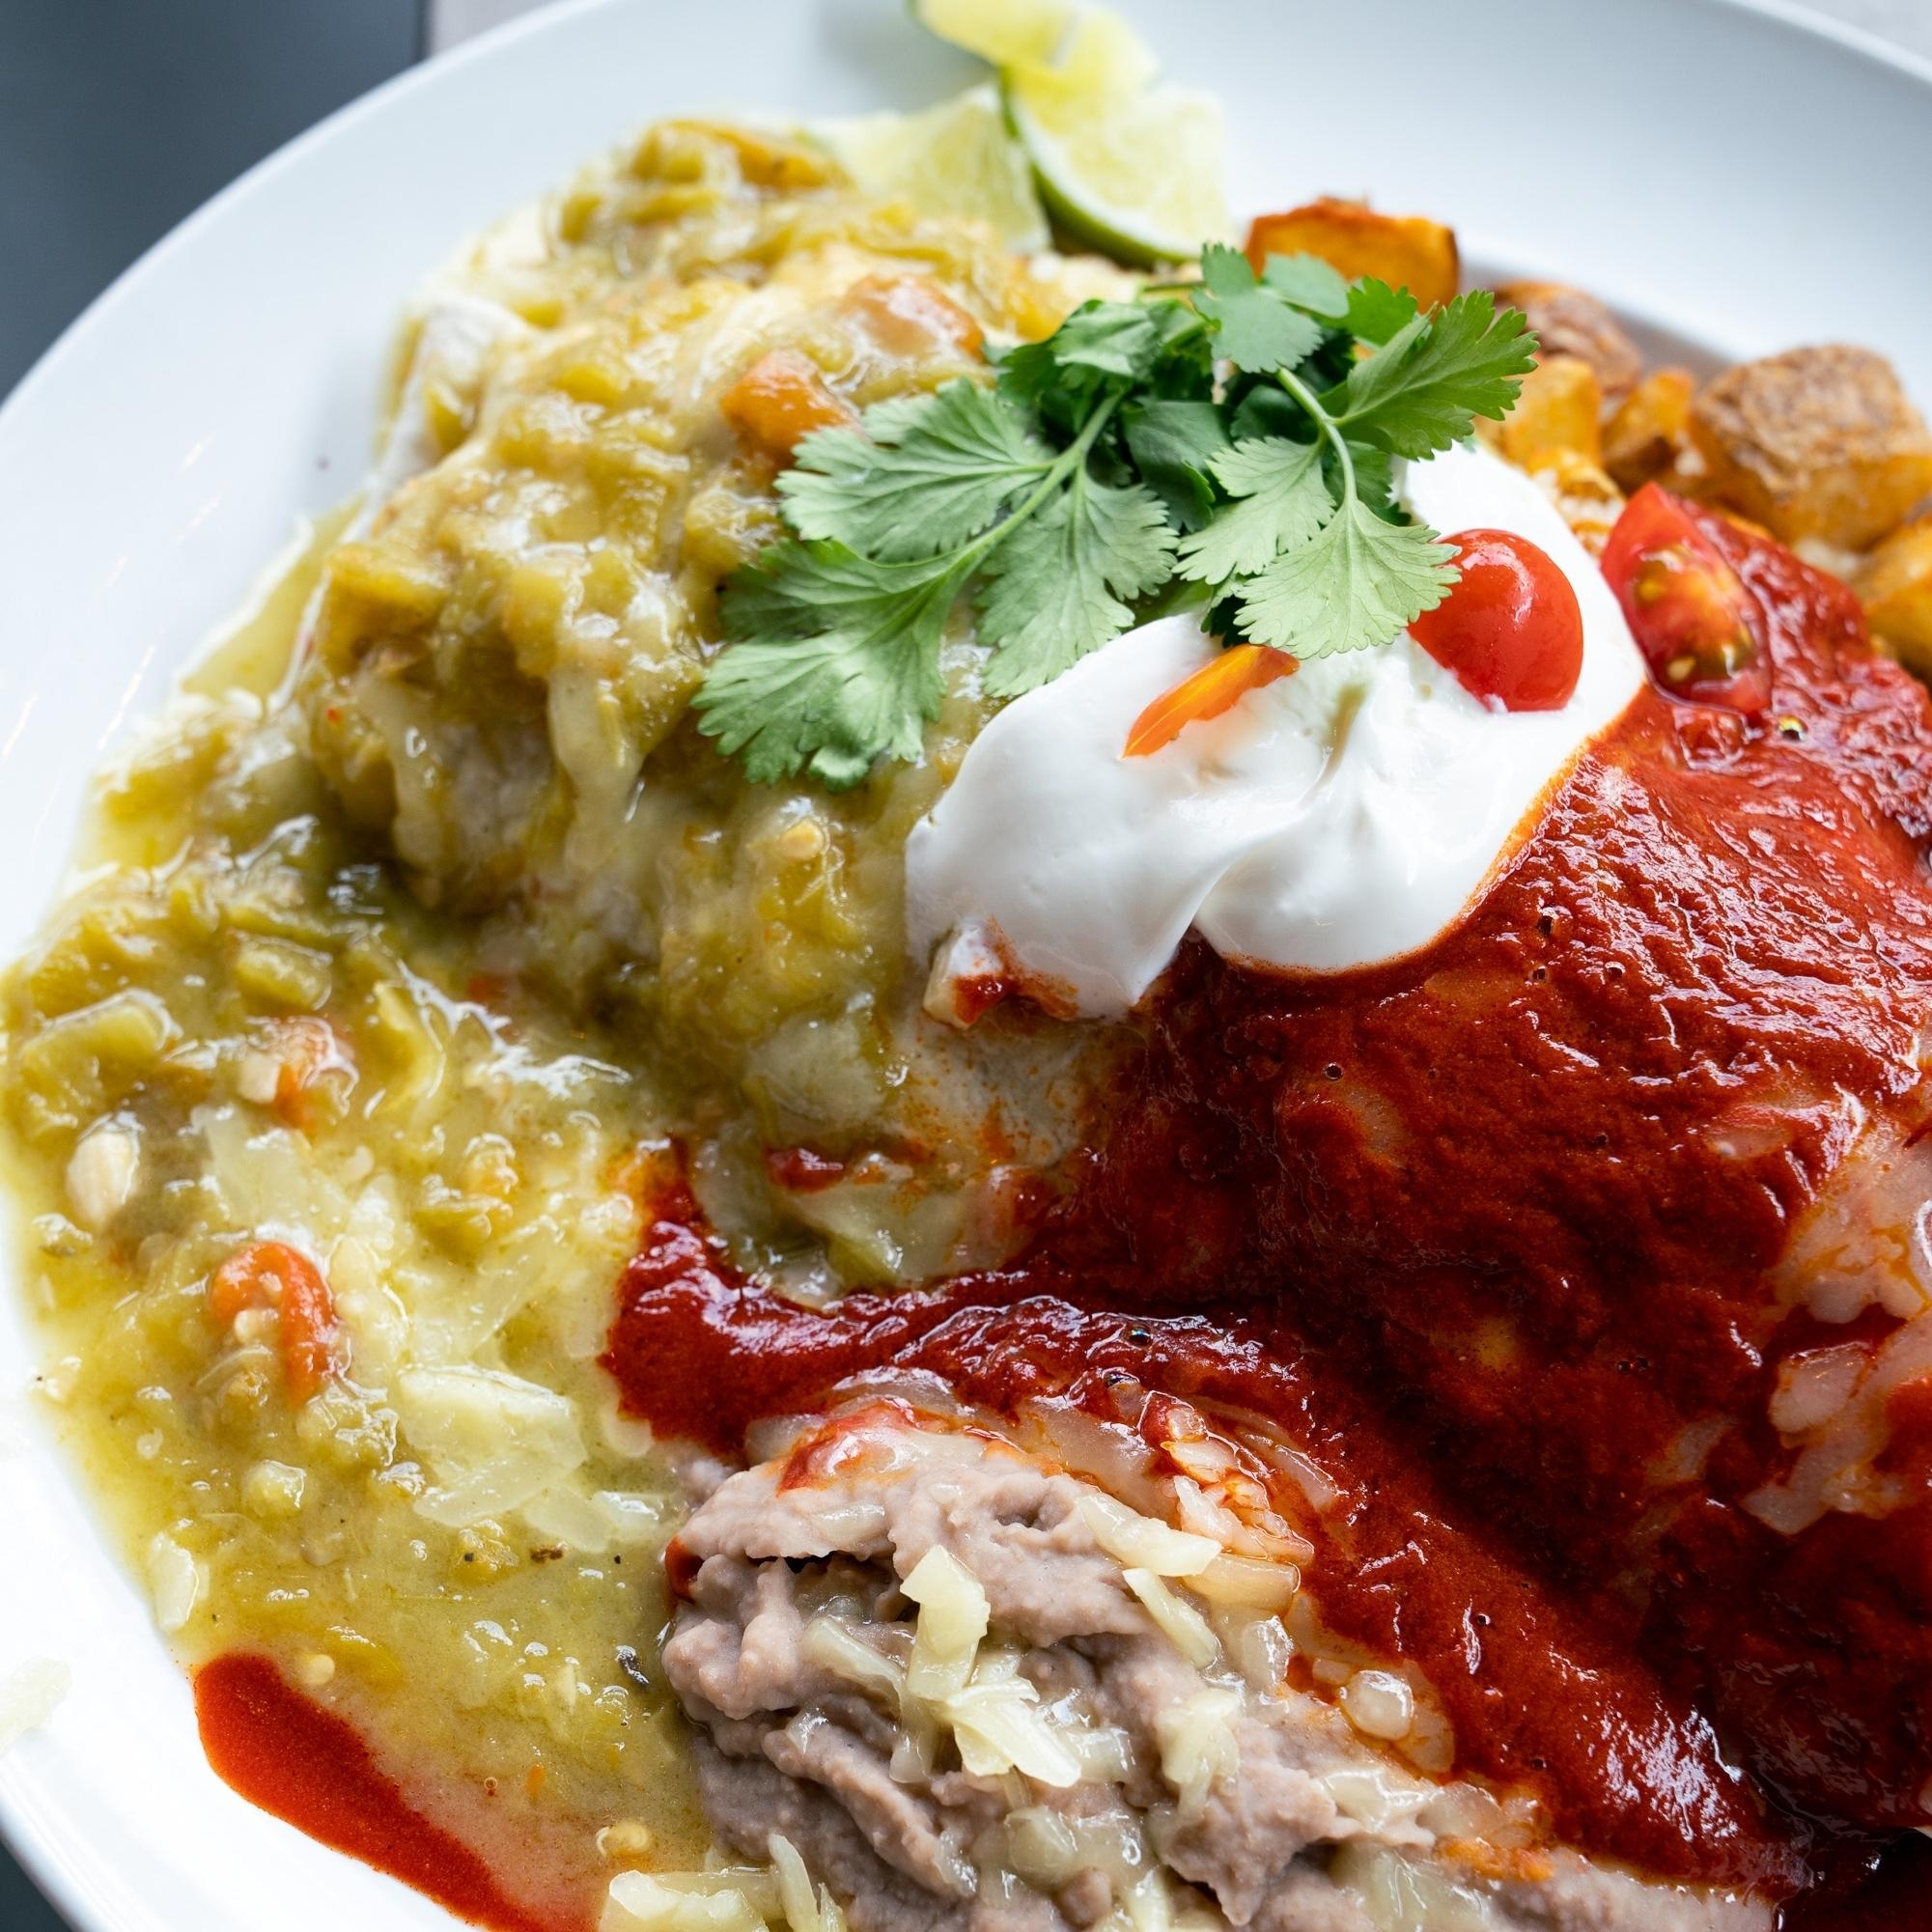 5-31-19 Burrito-1 cropped